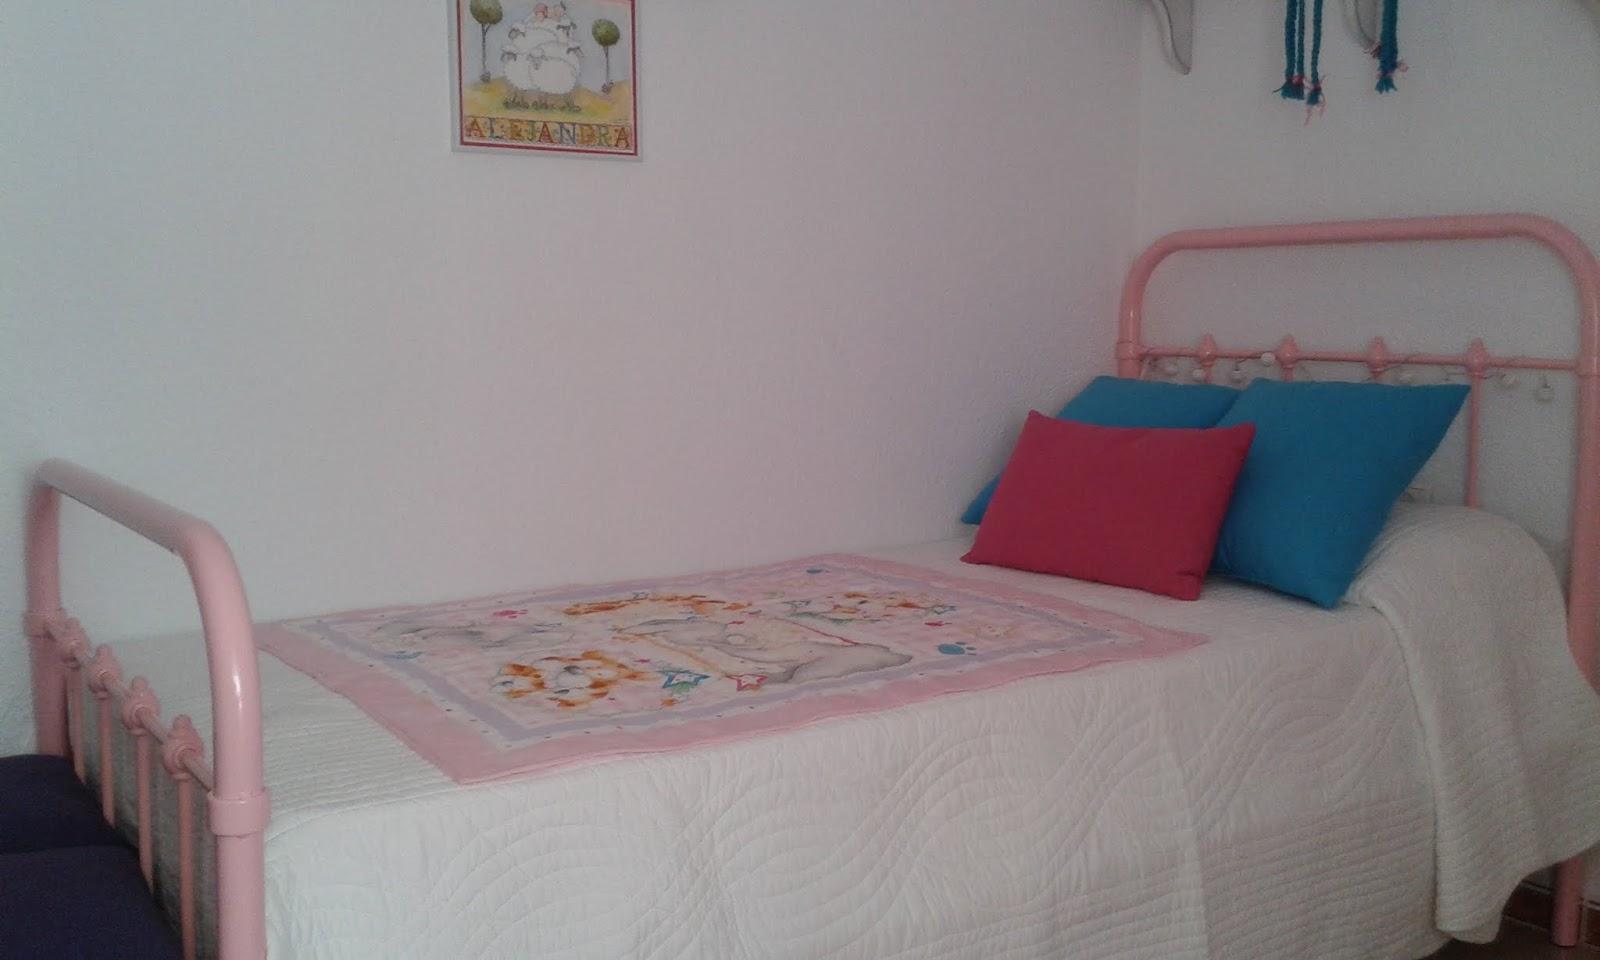 gusto estas camas de forja de colores de mini home son hoy por hoy las ms bonitas del mercado con ese aire vintage que imprimen a cualquier espacio